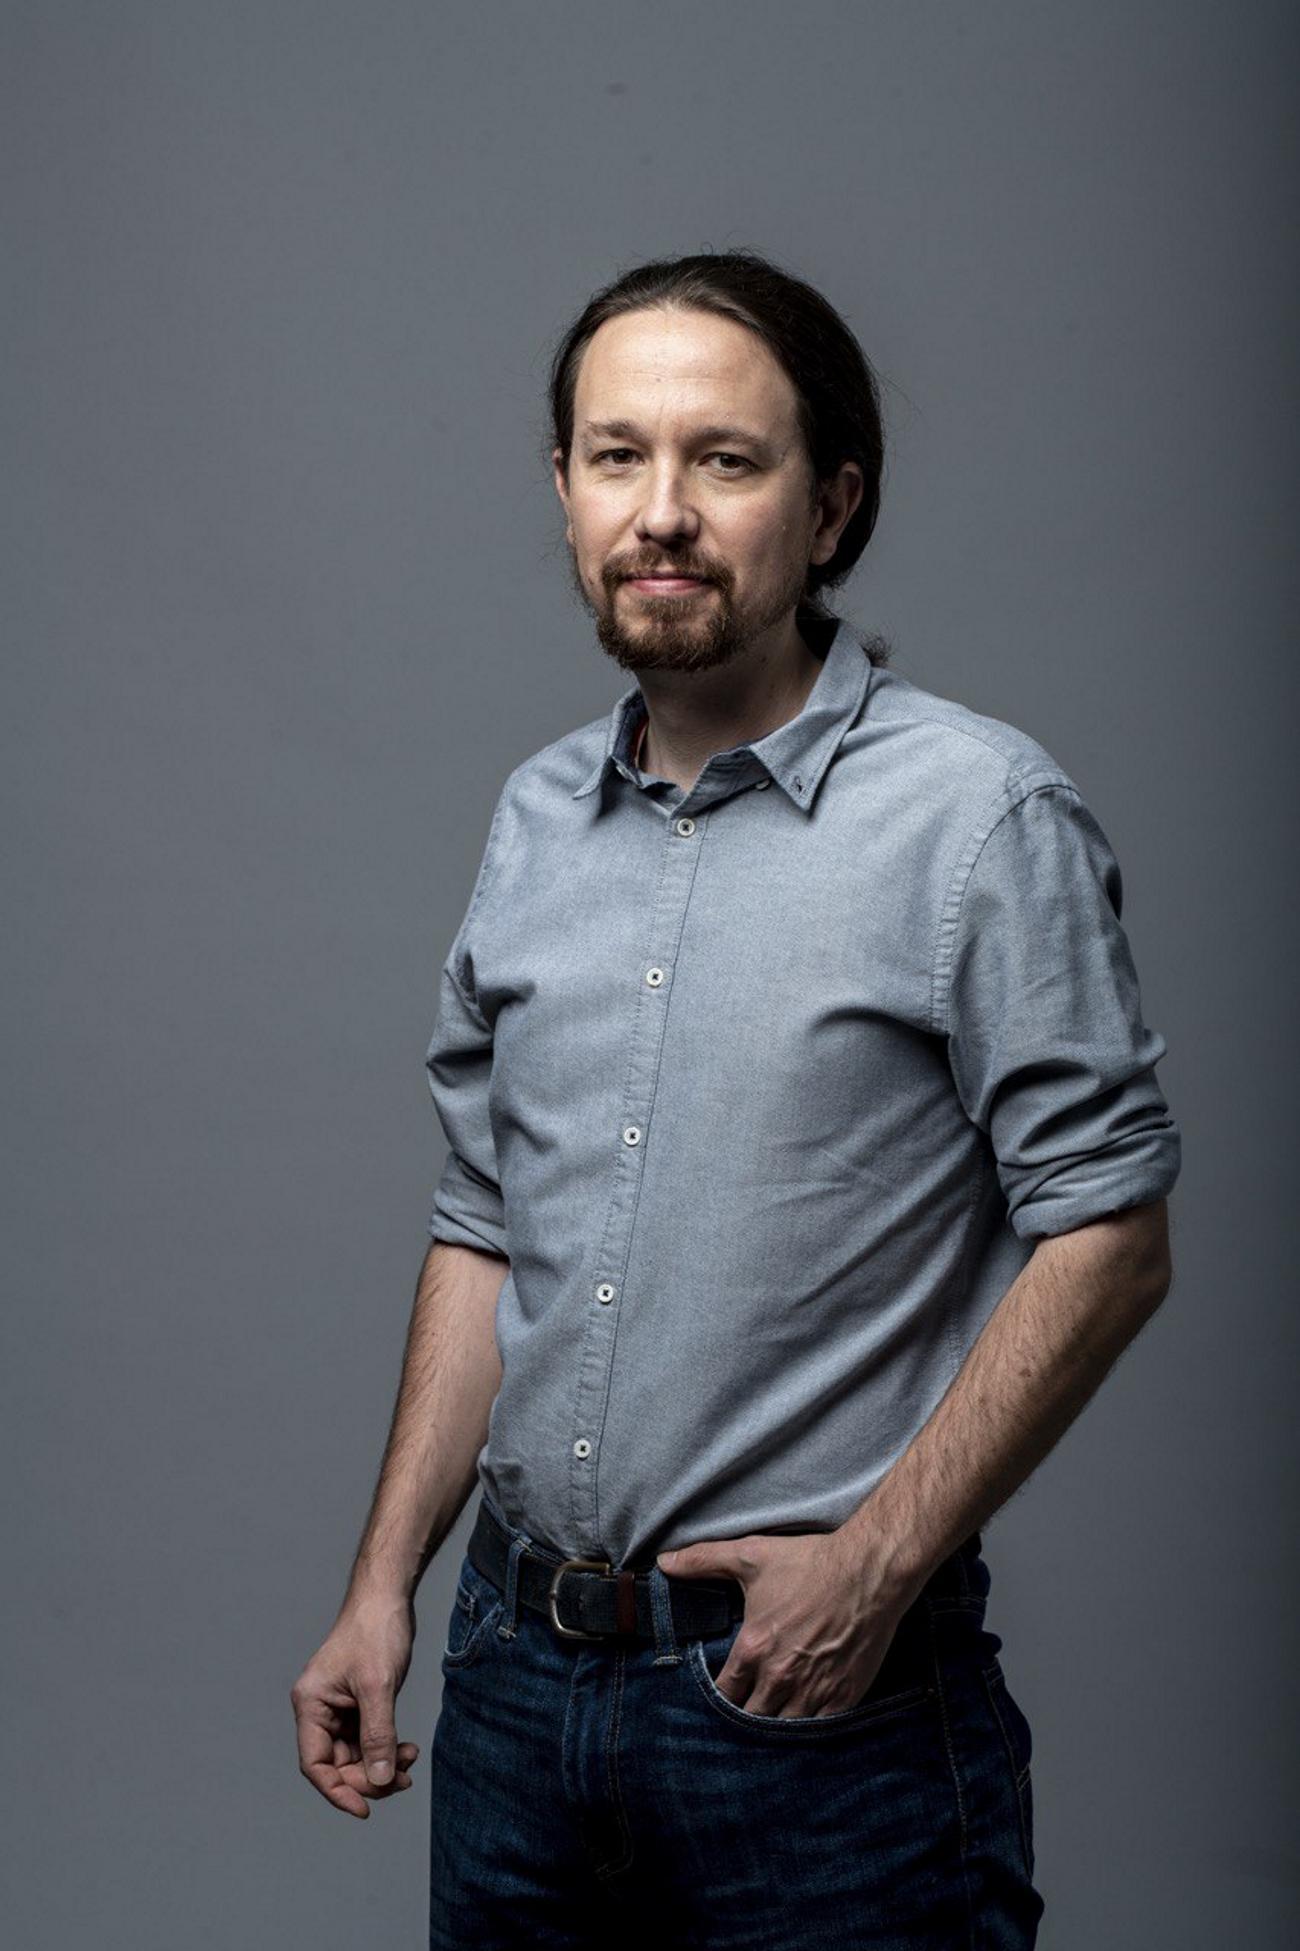 FOTOGRAFÍA. MADRID (ESPAÑA), 12.04.2019. Imagen de campaña electoral del candidato de la alianza d ela ultraizquierda (Unidas Podemos), Pablo Manuel Iglesias. Ñ Pueblo